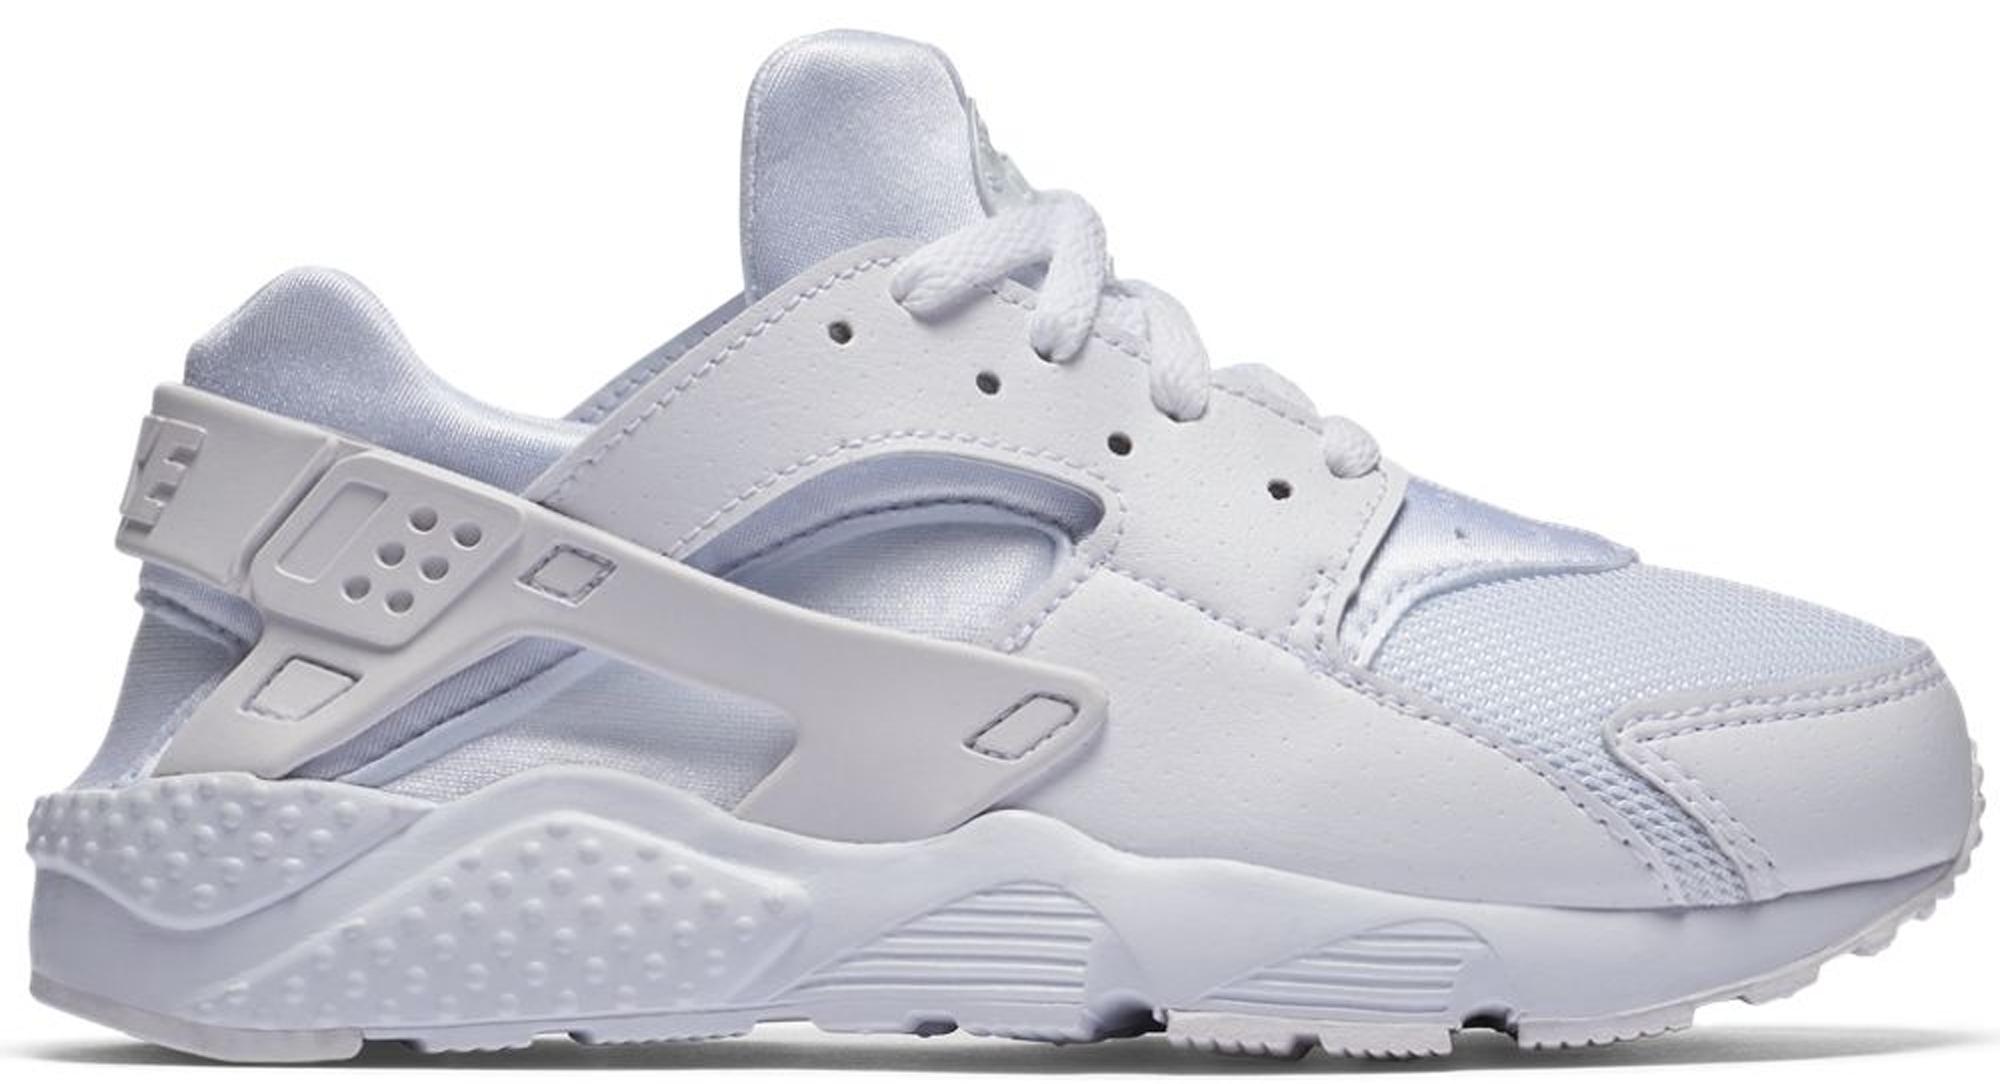 Nike Air Huarache Run Triple White (PS